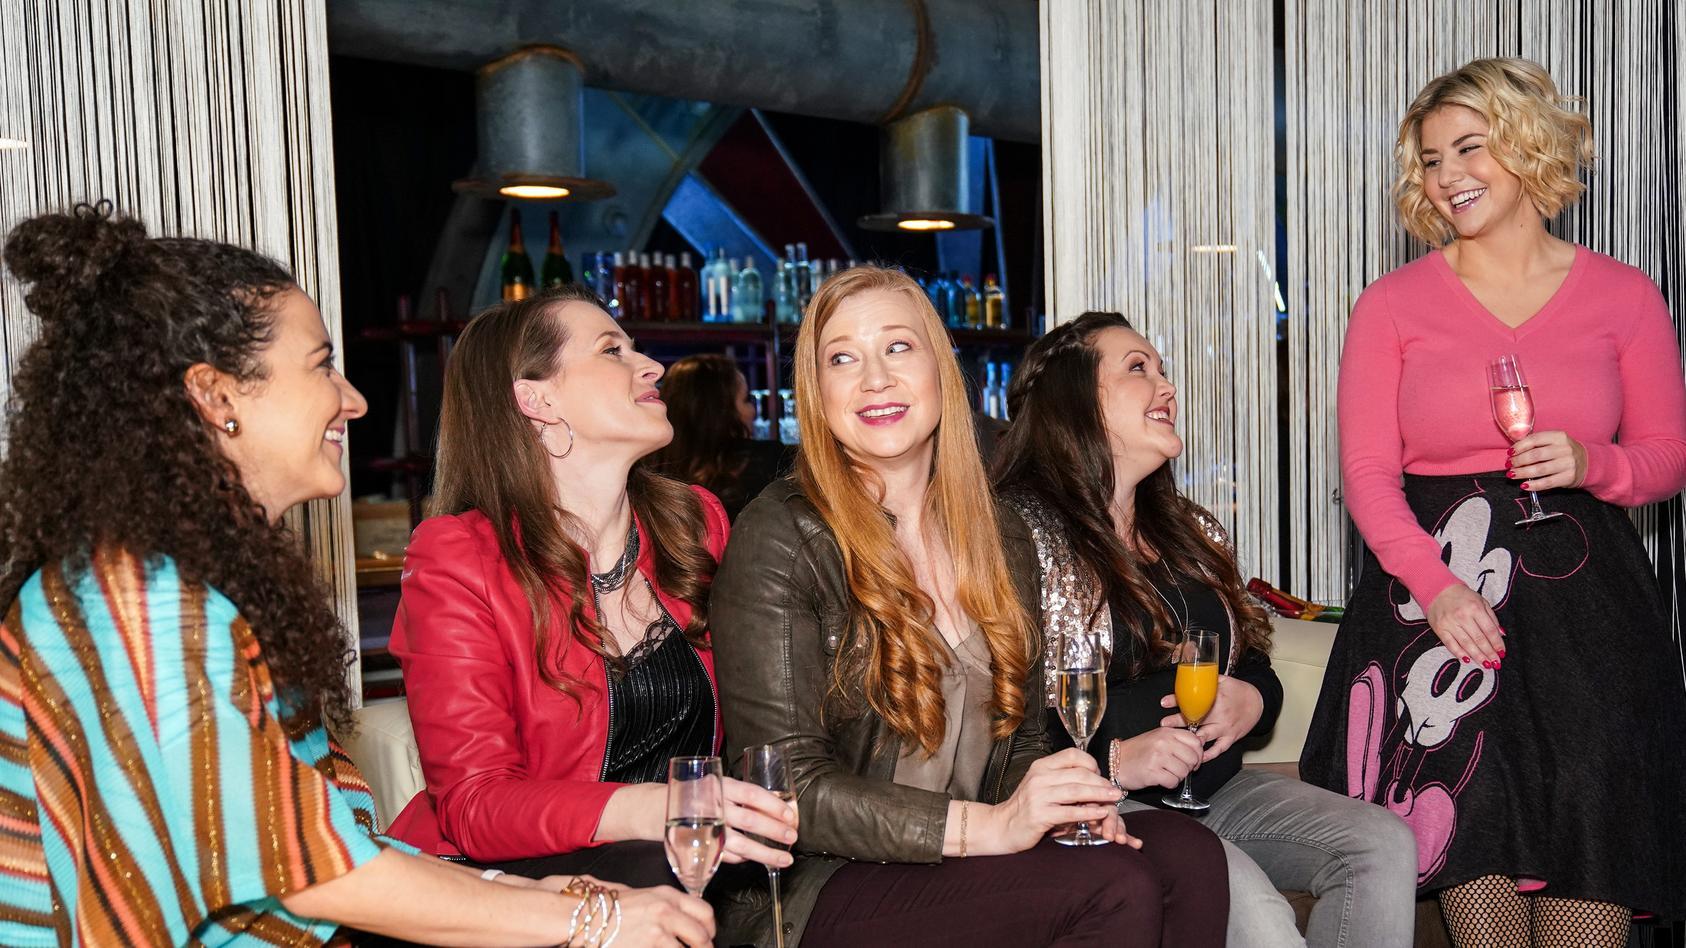 Kaya, Heike, Tina und Nadine sind große Fans von Beatrice Egli.